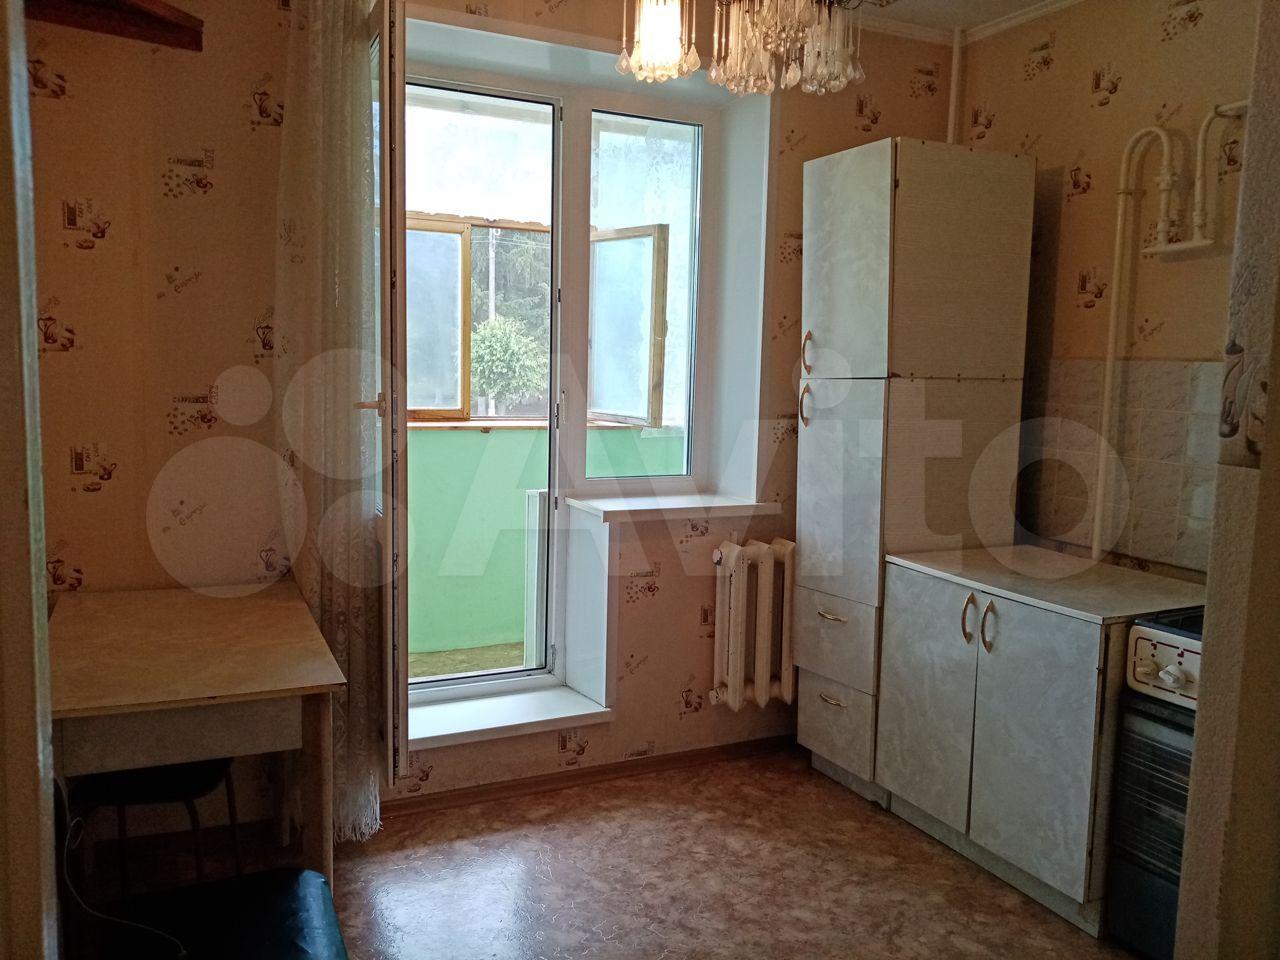 1-к квартира, 41 м², 2/3 эт.  89061360392 купить 2